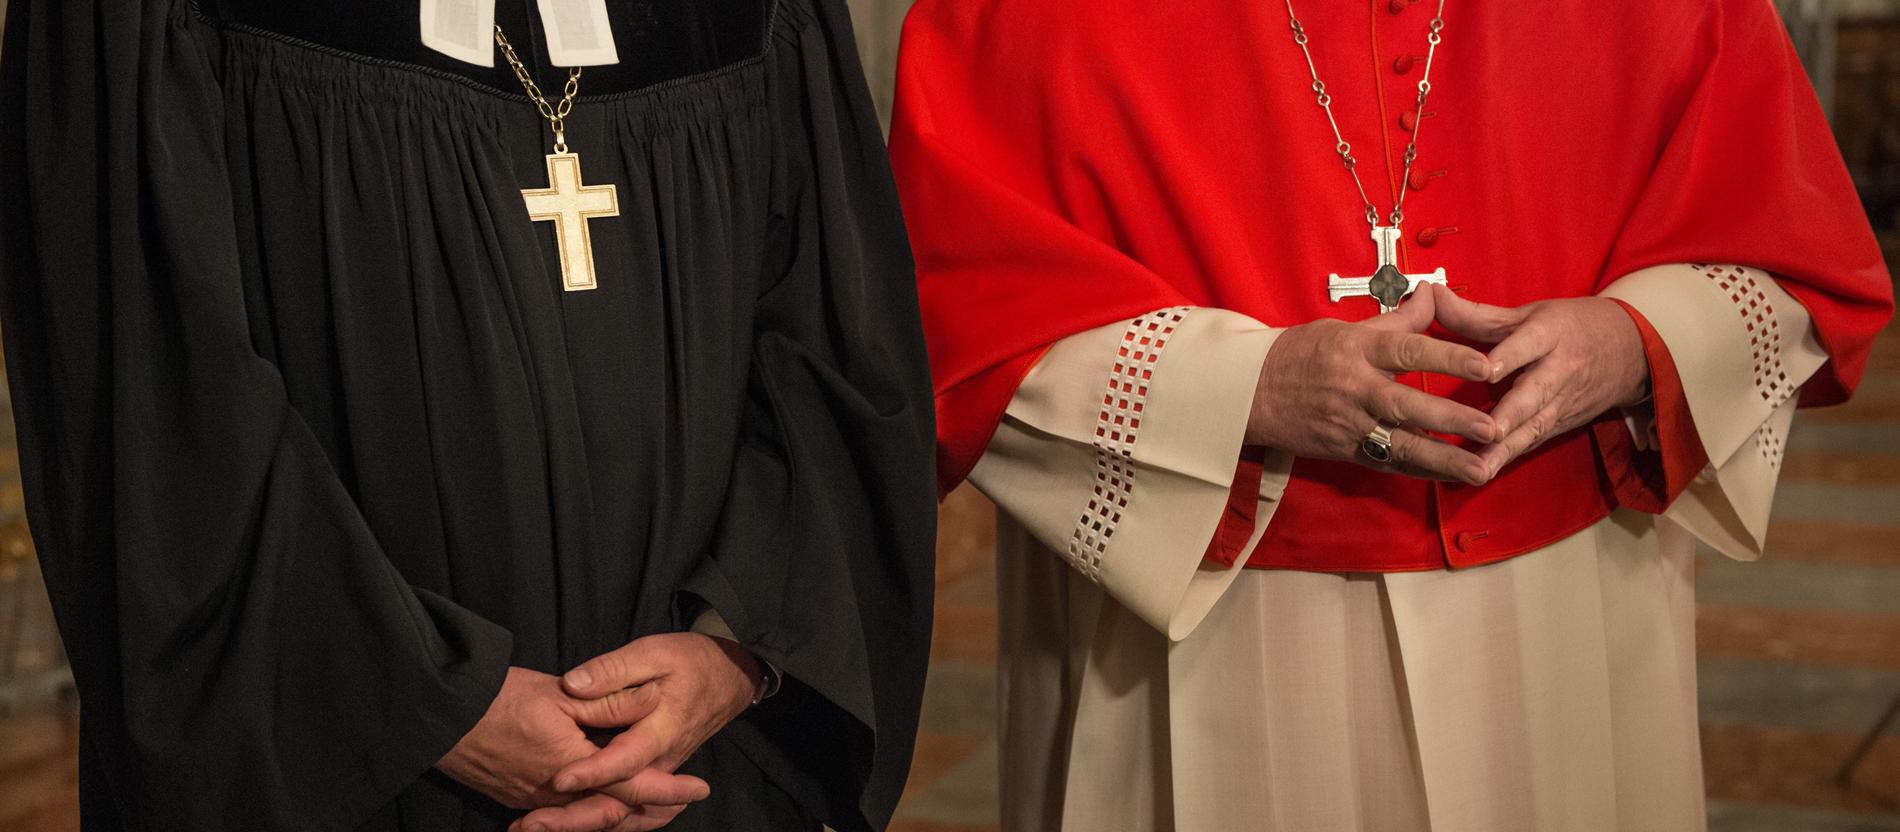 Unterschiede Zwischen Katholischer Und Evangelischer Kirche